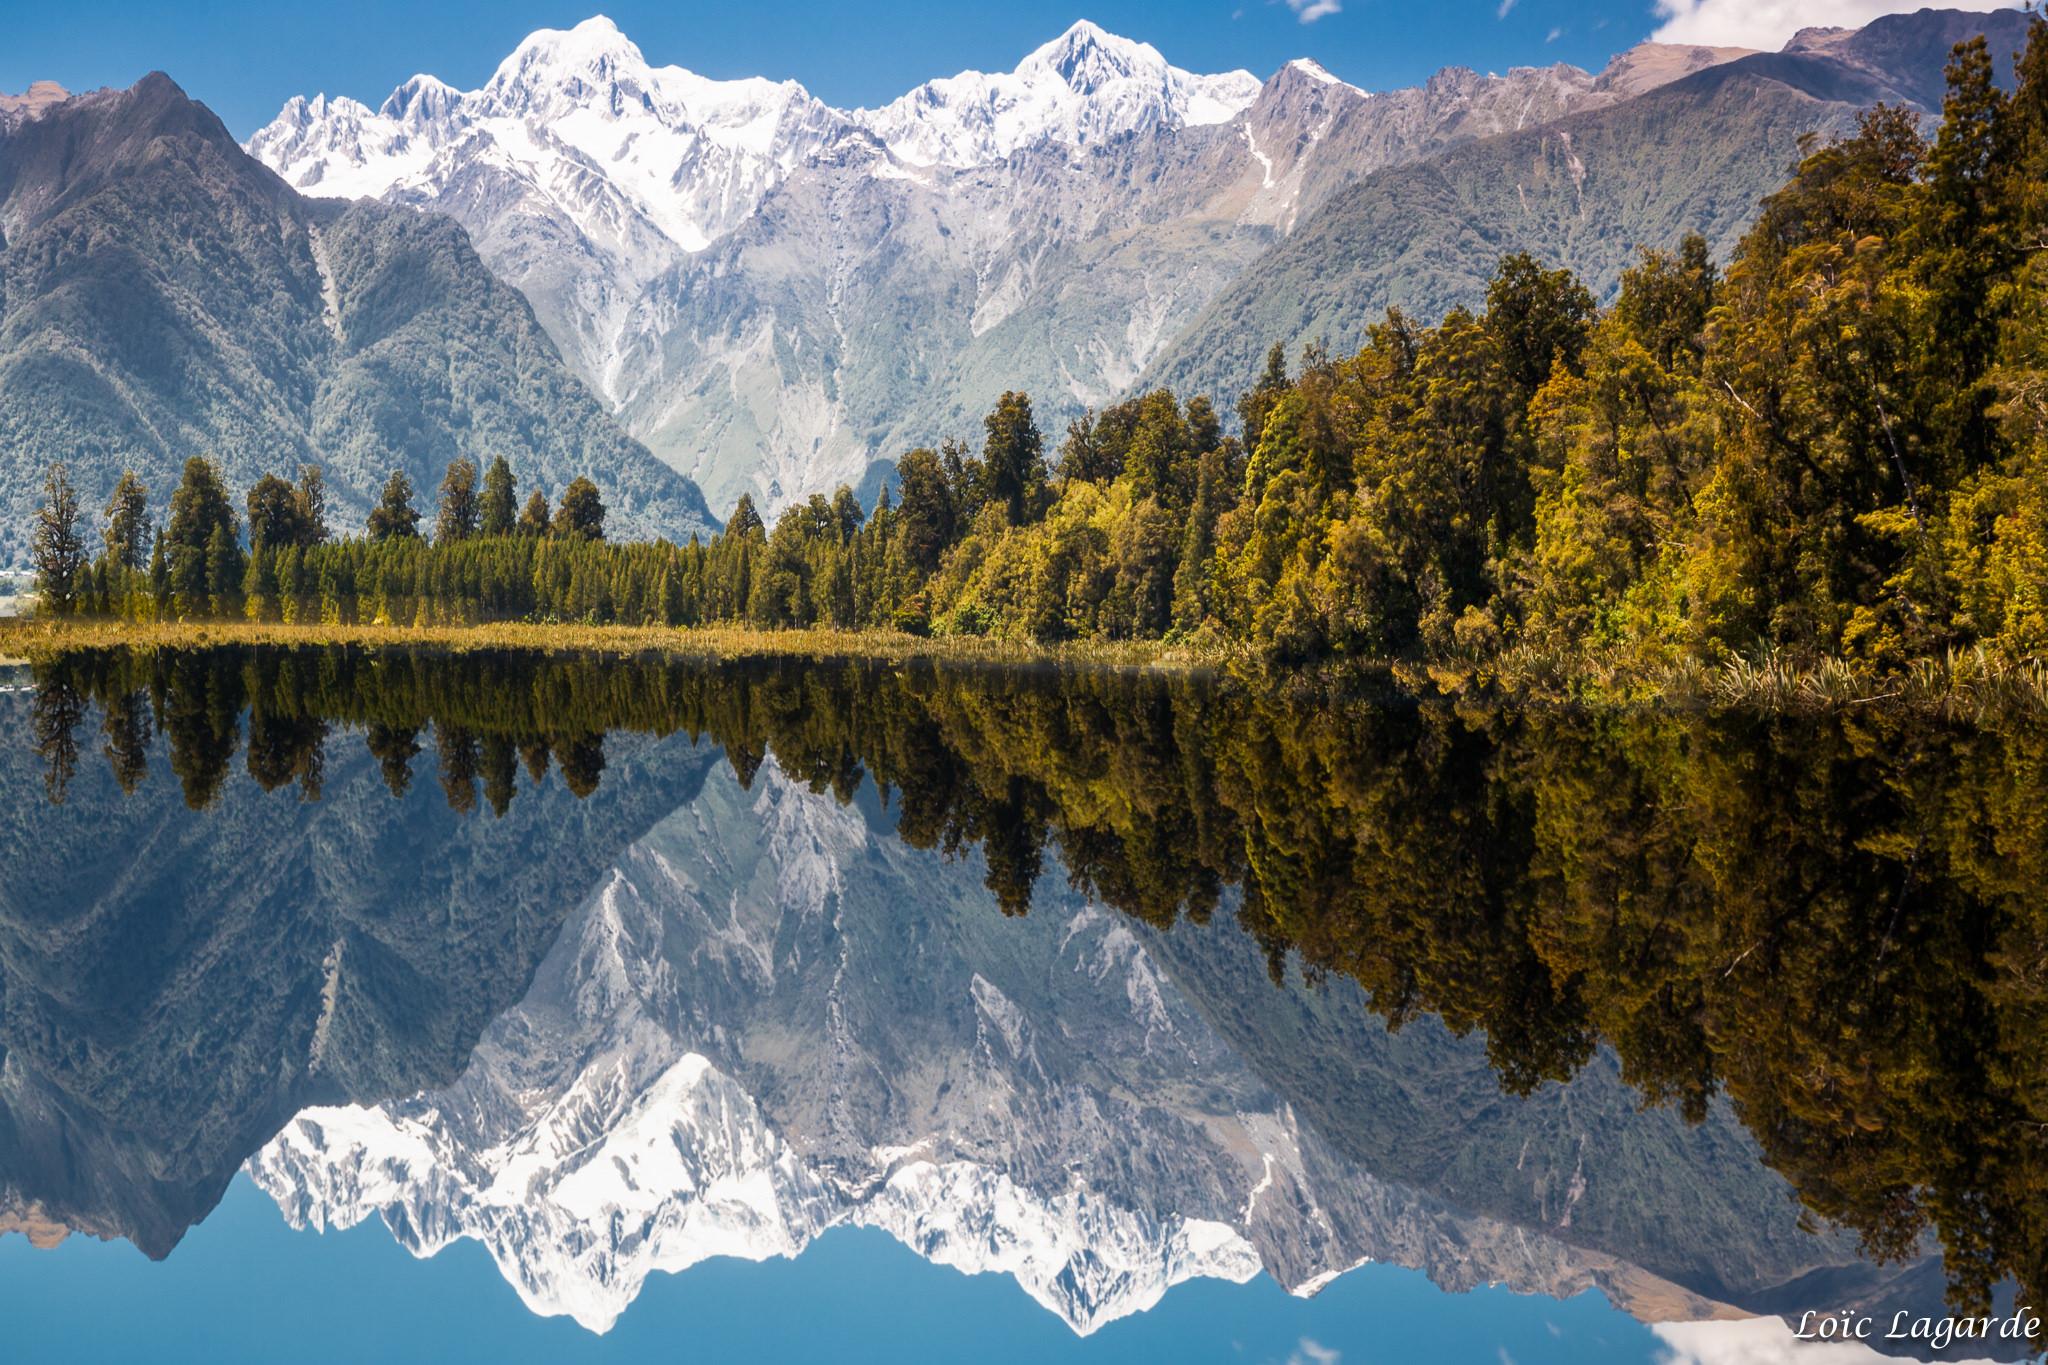 フォックス氷河のレイク・マセソン。鏡に映る最高峰は見逃せないベスト・ビュー!